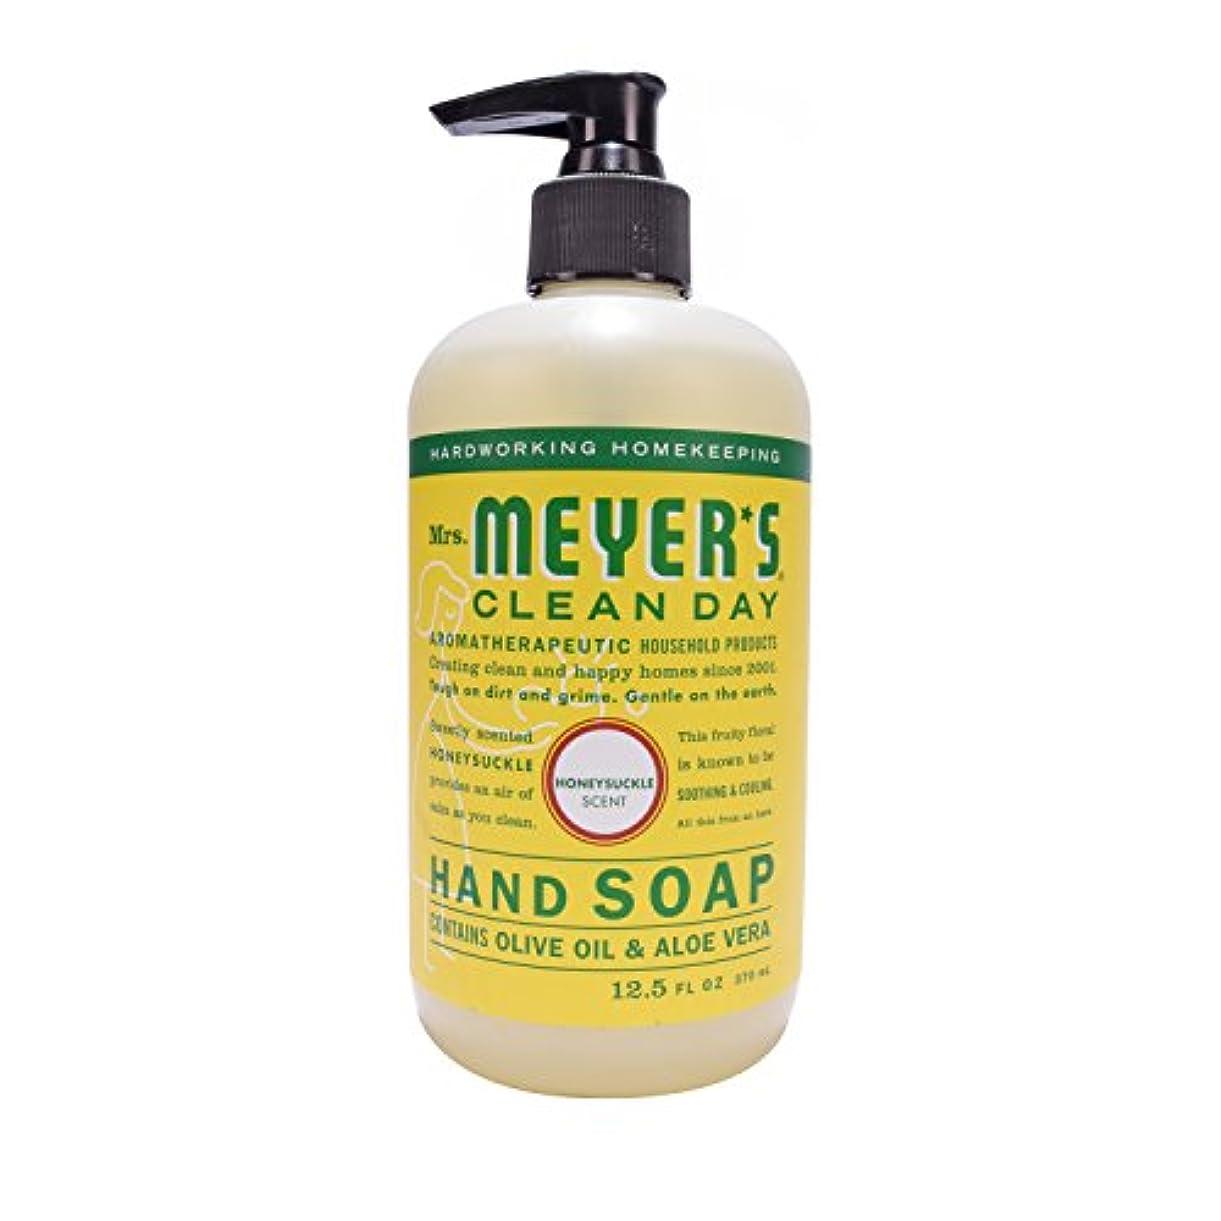 ホット姓飾り羽Mrs. Meyer's Clean Day Hand Soap Liquid, Honeysuckle, 12.5-Fluid Ounce Bottles by Mrs. Meyer's Clean Day